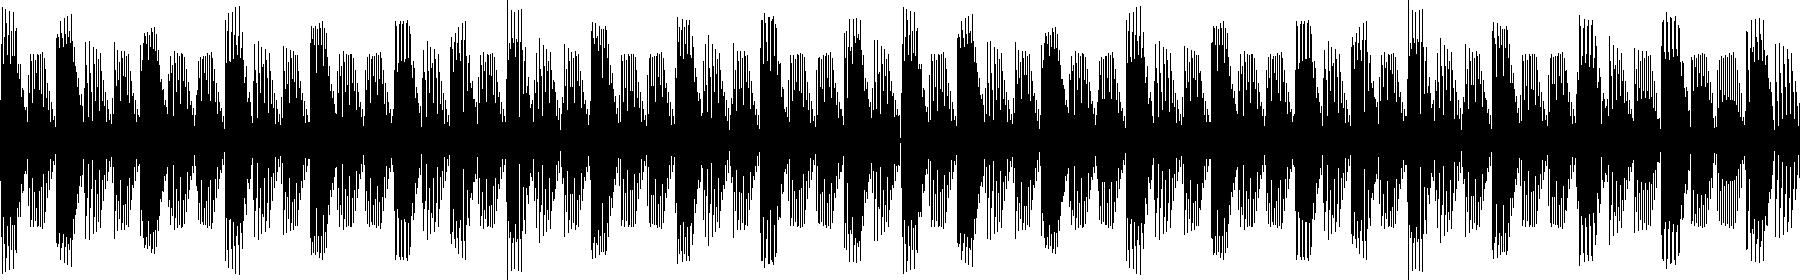 7 2 audio 9 1 2